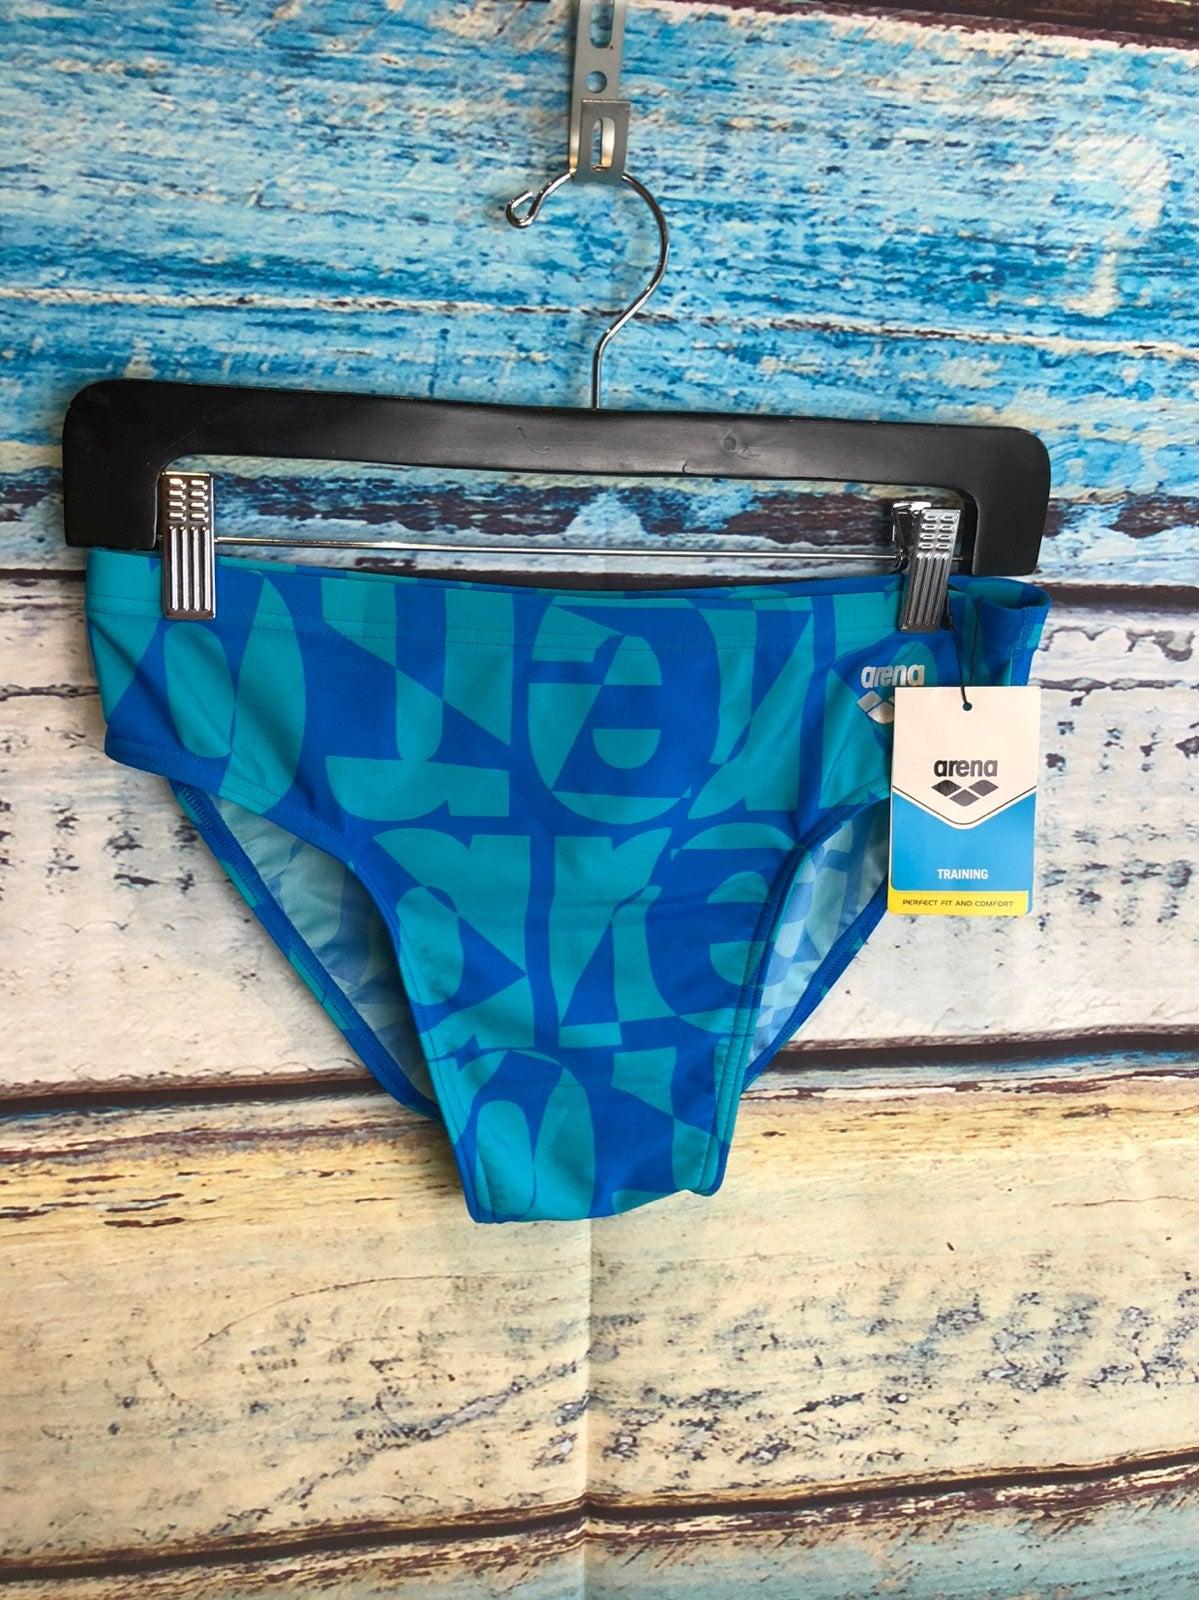 Arena Training Brief Swimwear Mens 34 NW